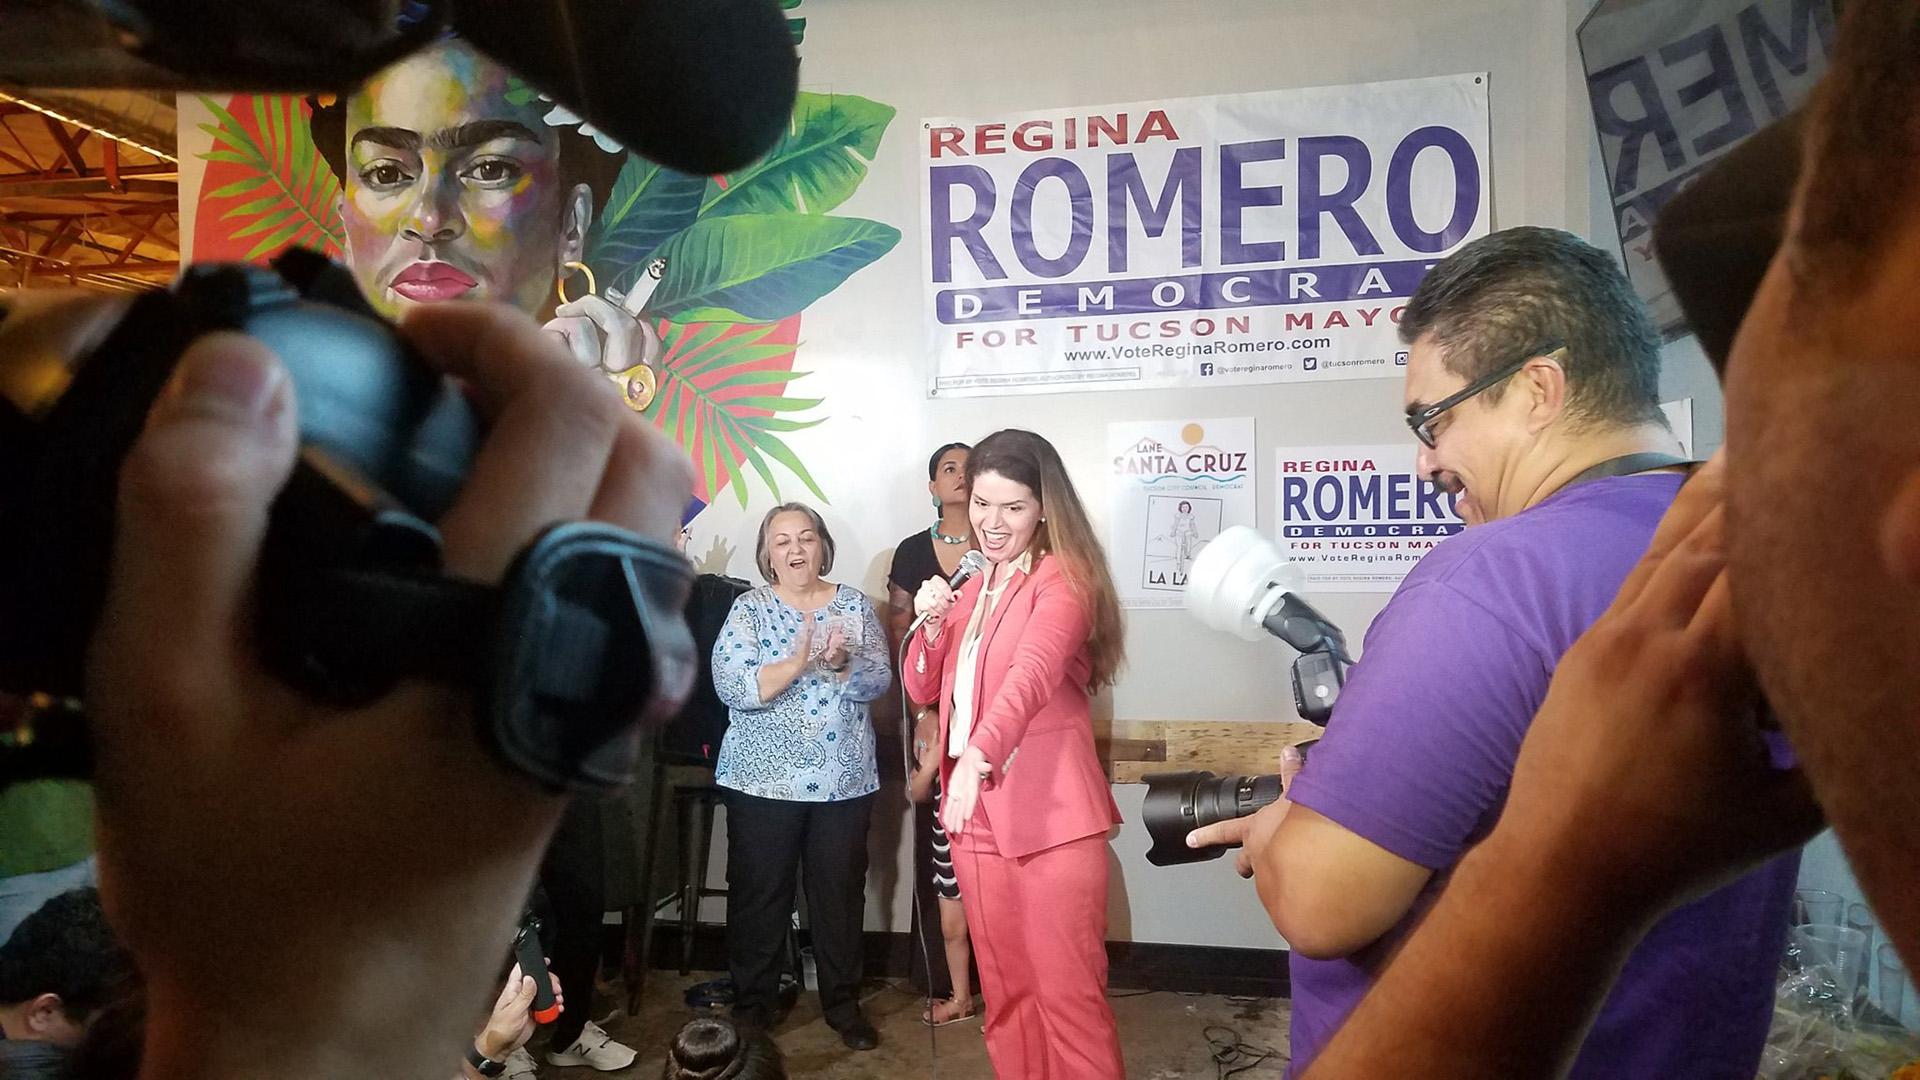 Romero speech